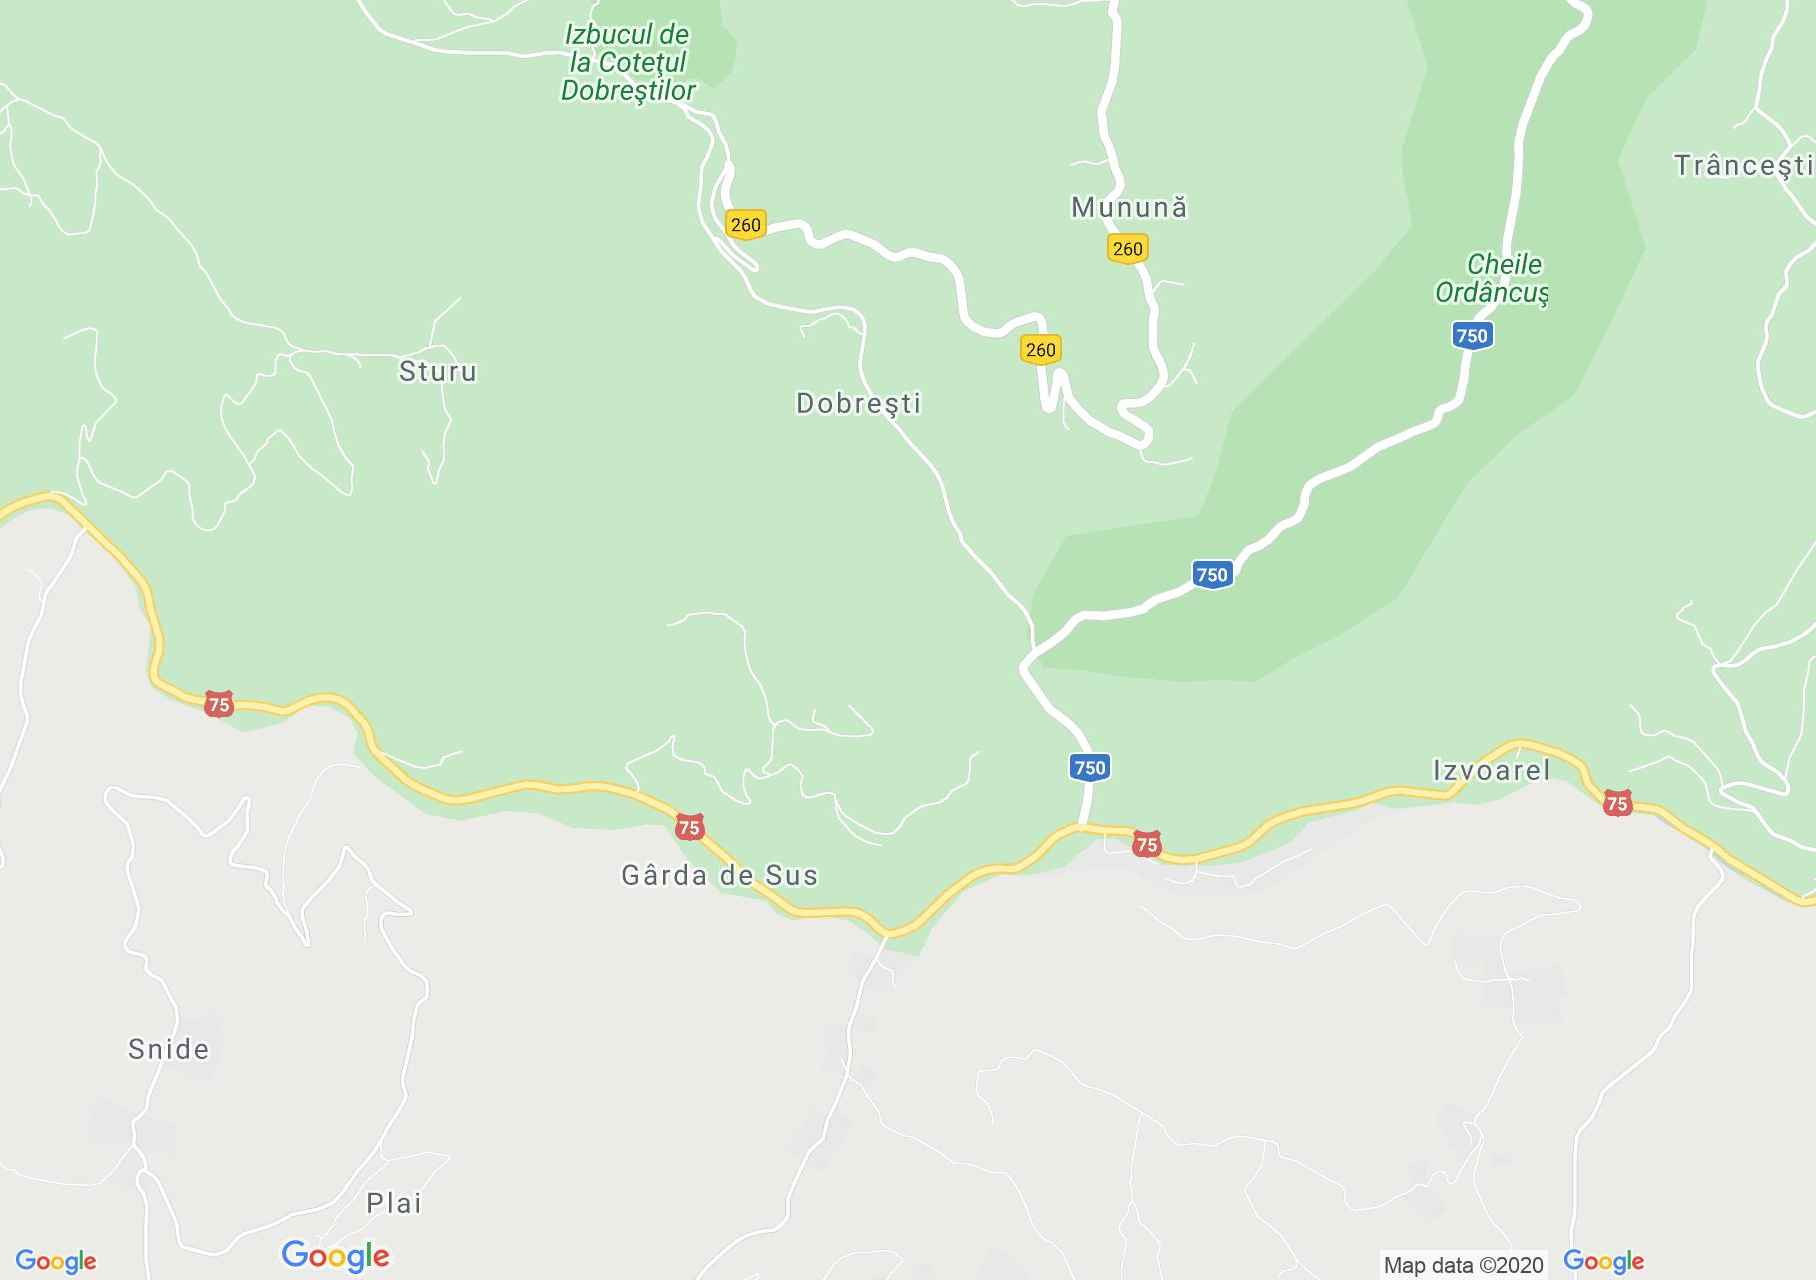 Gârda de Sus, Harta turistică interactivă